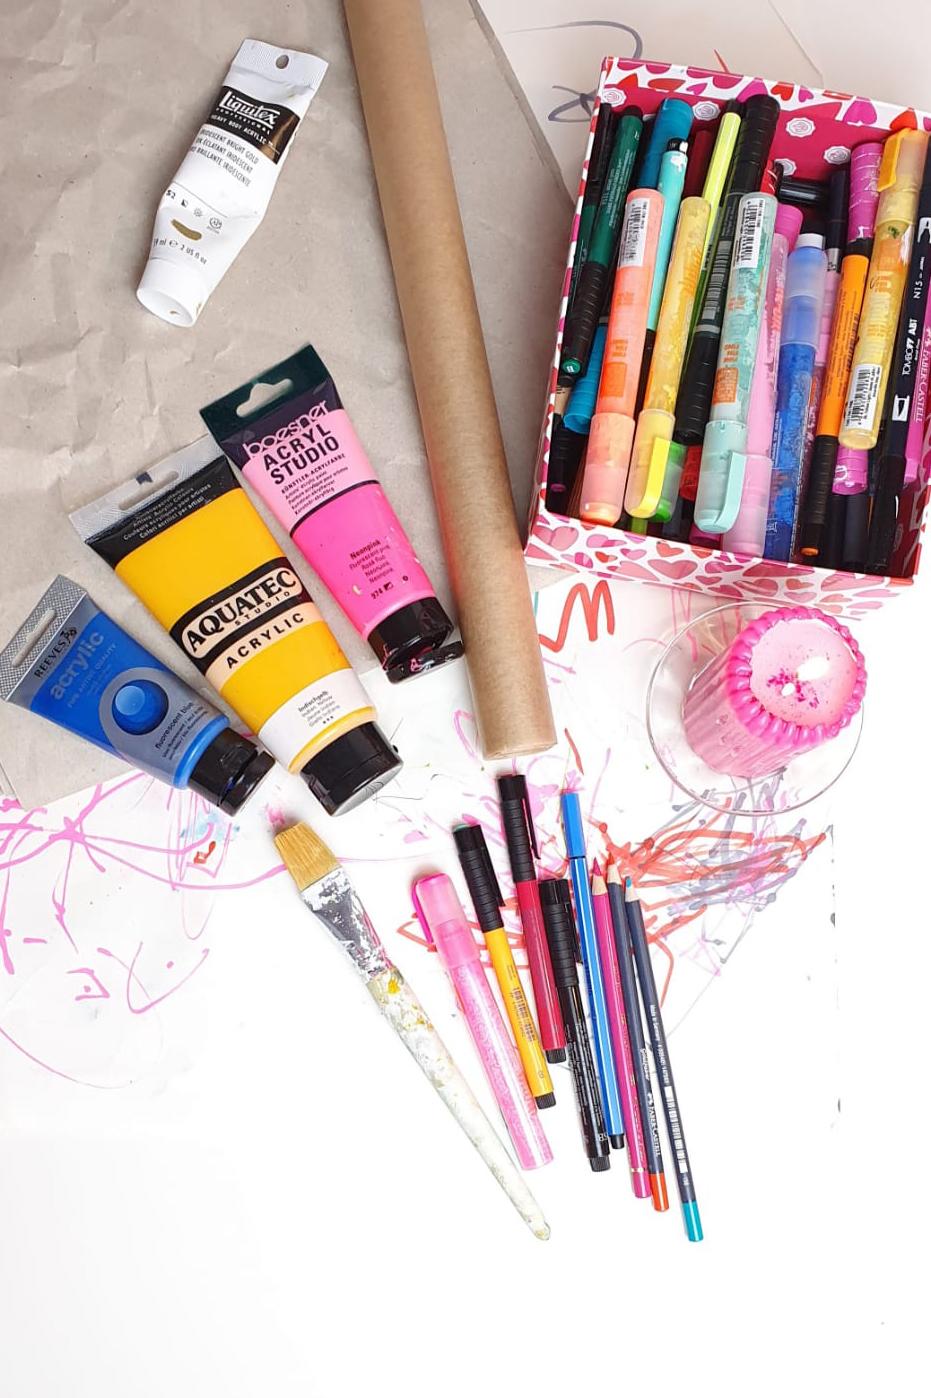 Geschenke alternativ verpacken mit eigenem Geschenkpapier - Julia Fremder